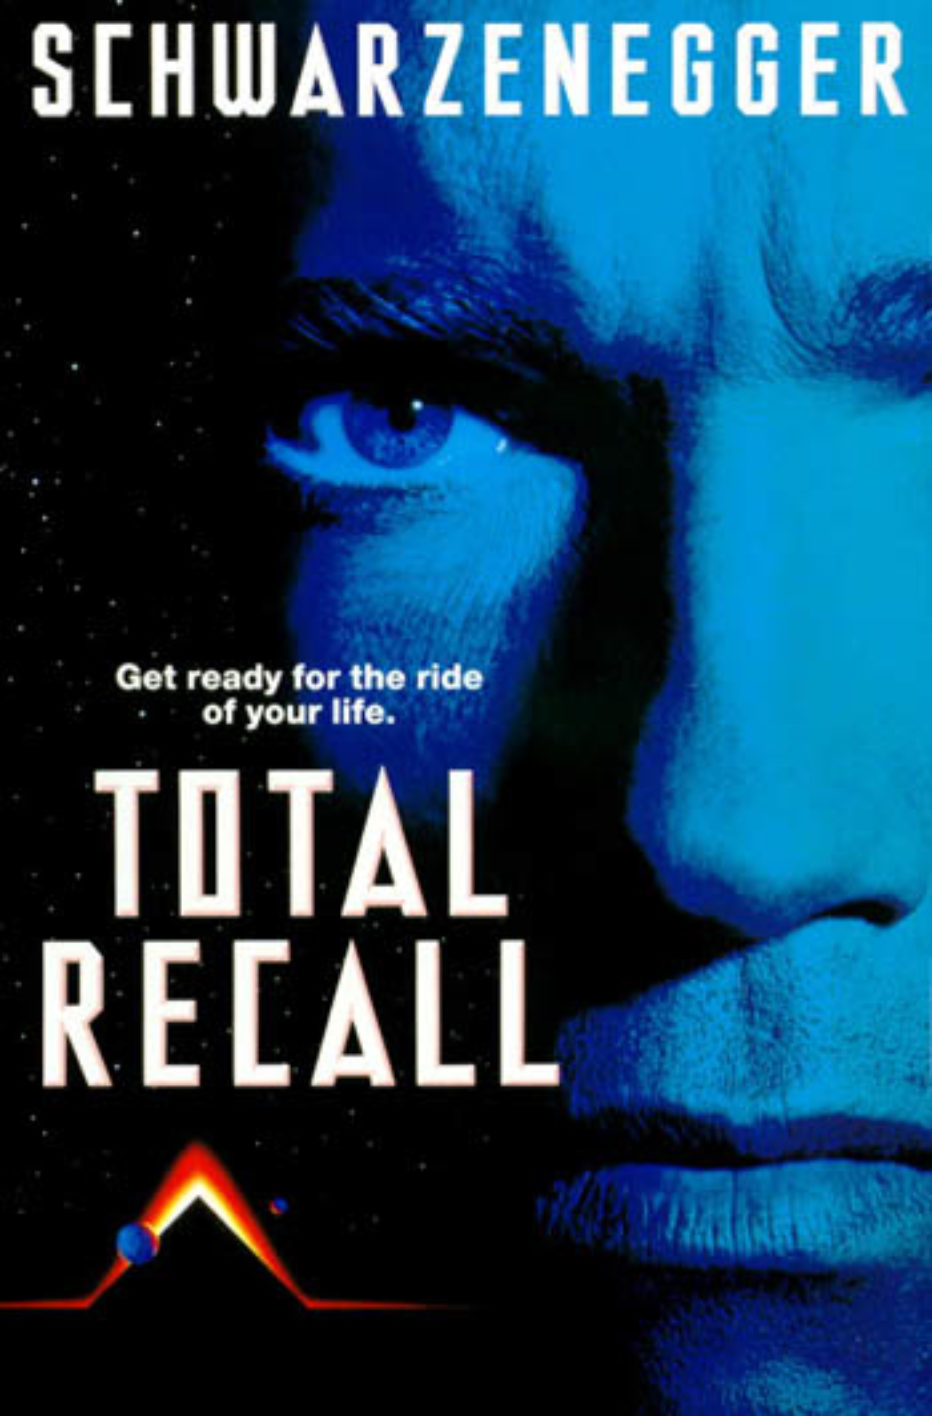 Tweets del día: Teaser del remake de Total Recall